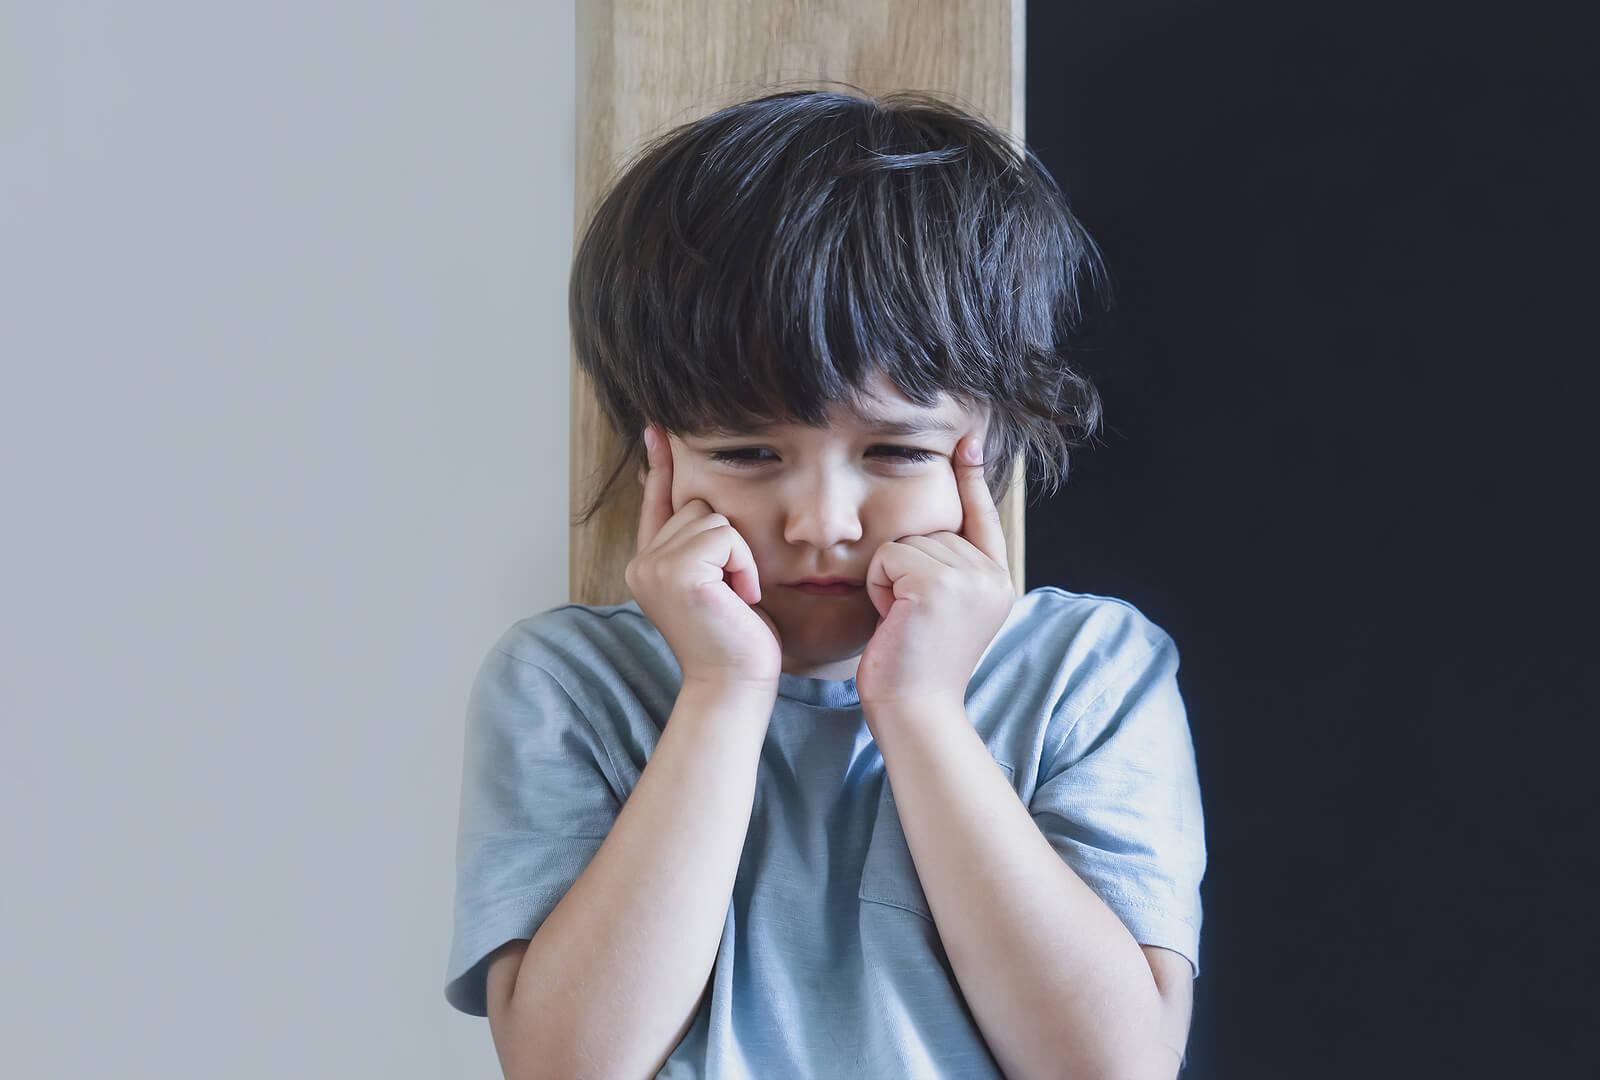 Niño intentando comprender el cambio que va a dar su vida.